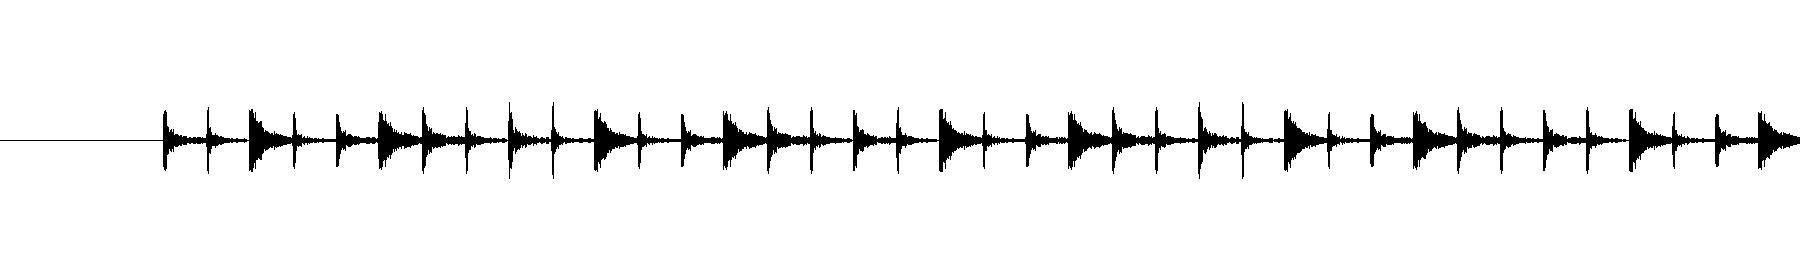 percloop7 112